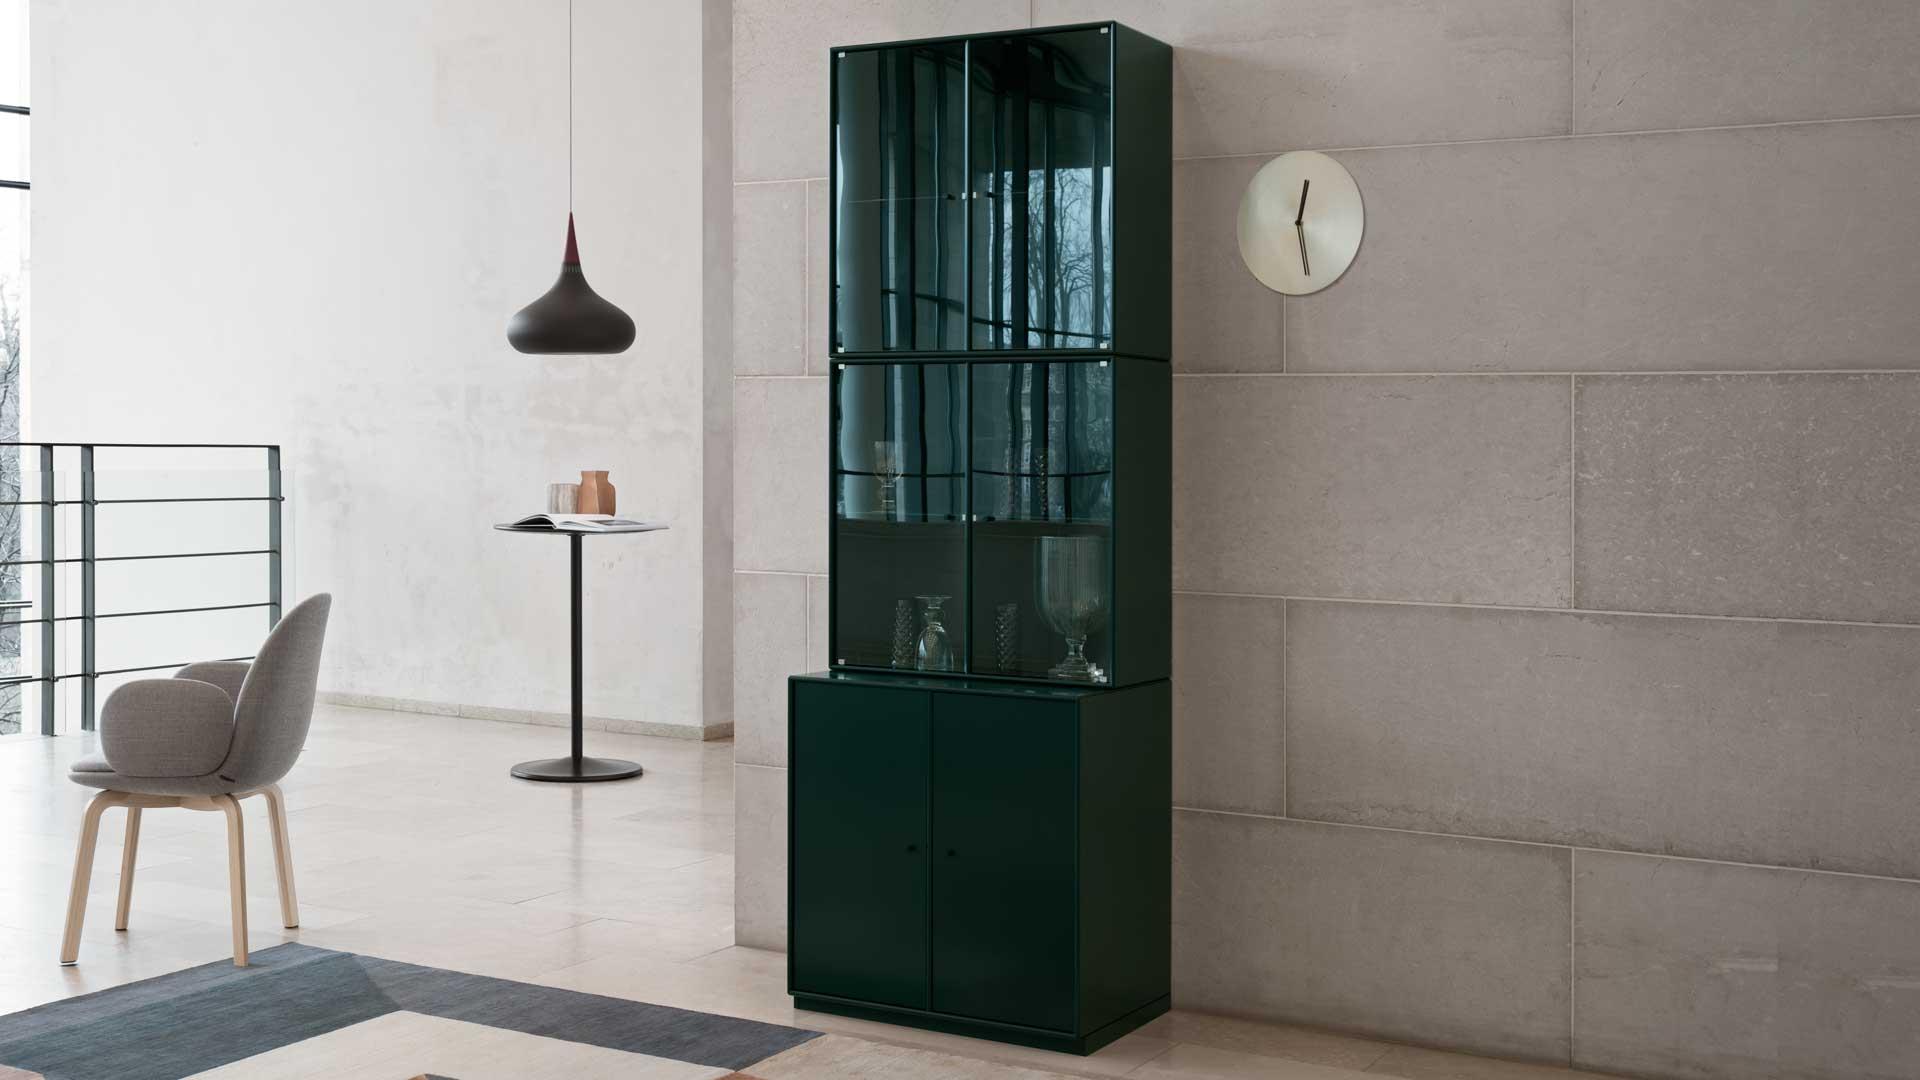 Armoire vitrée Design par Peter J. Lassen